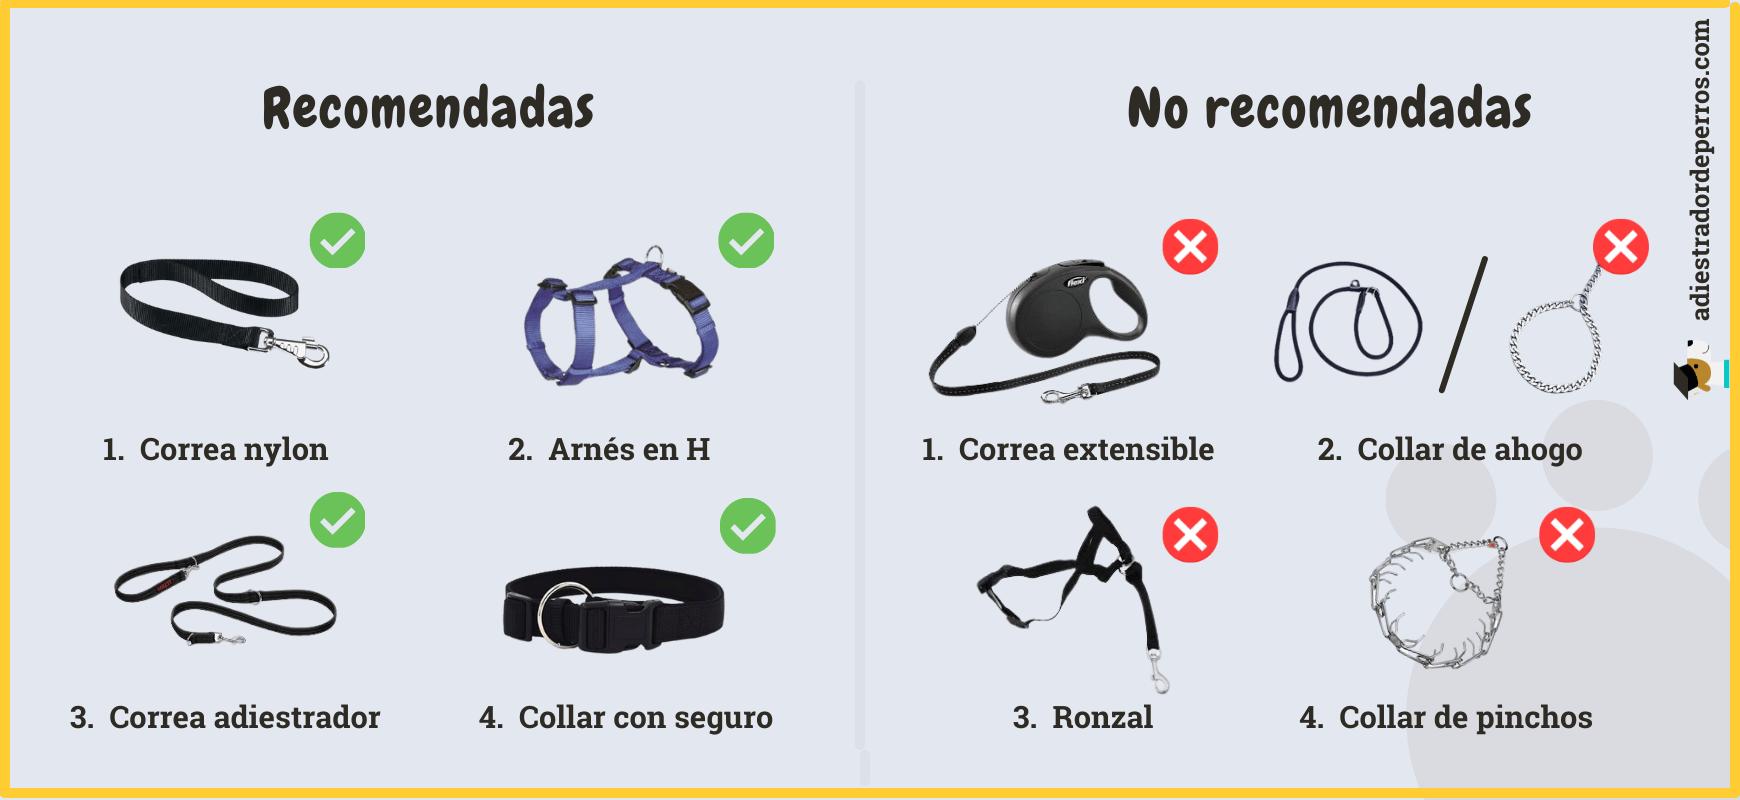 herramientas recomendadas para el paseo del cachorro